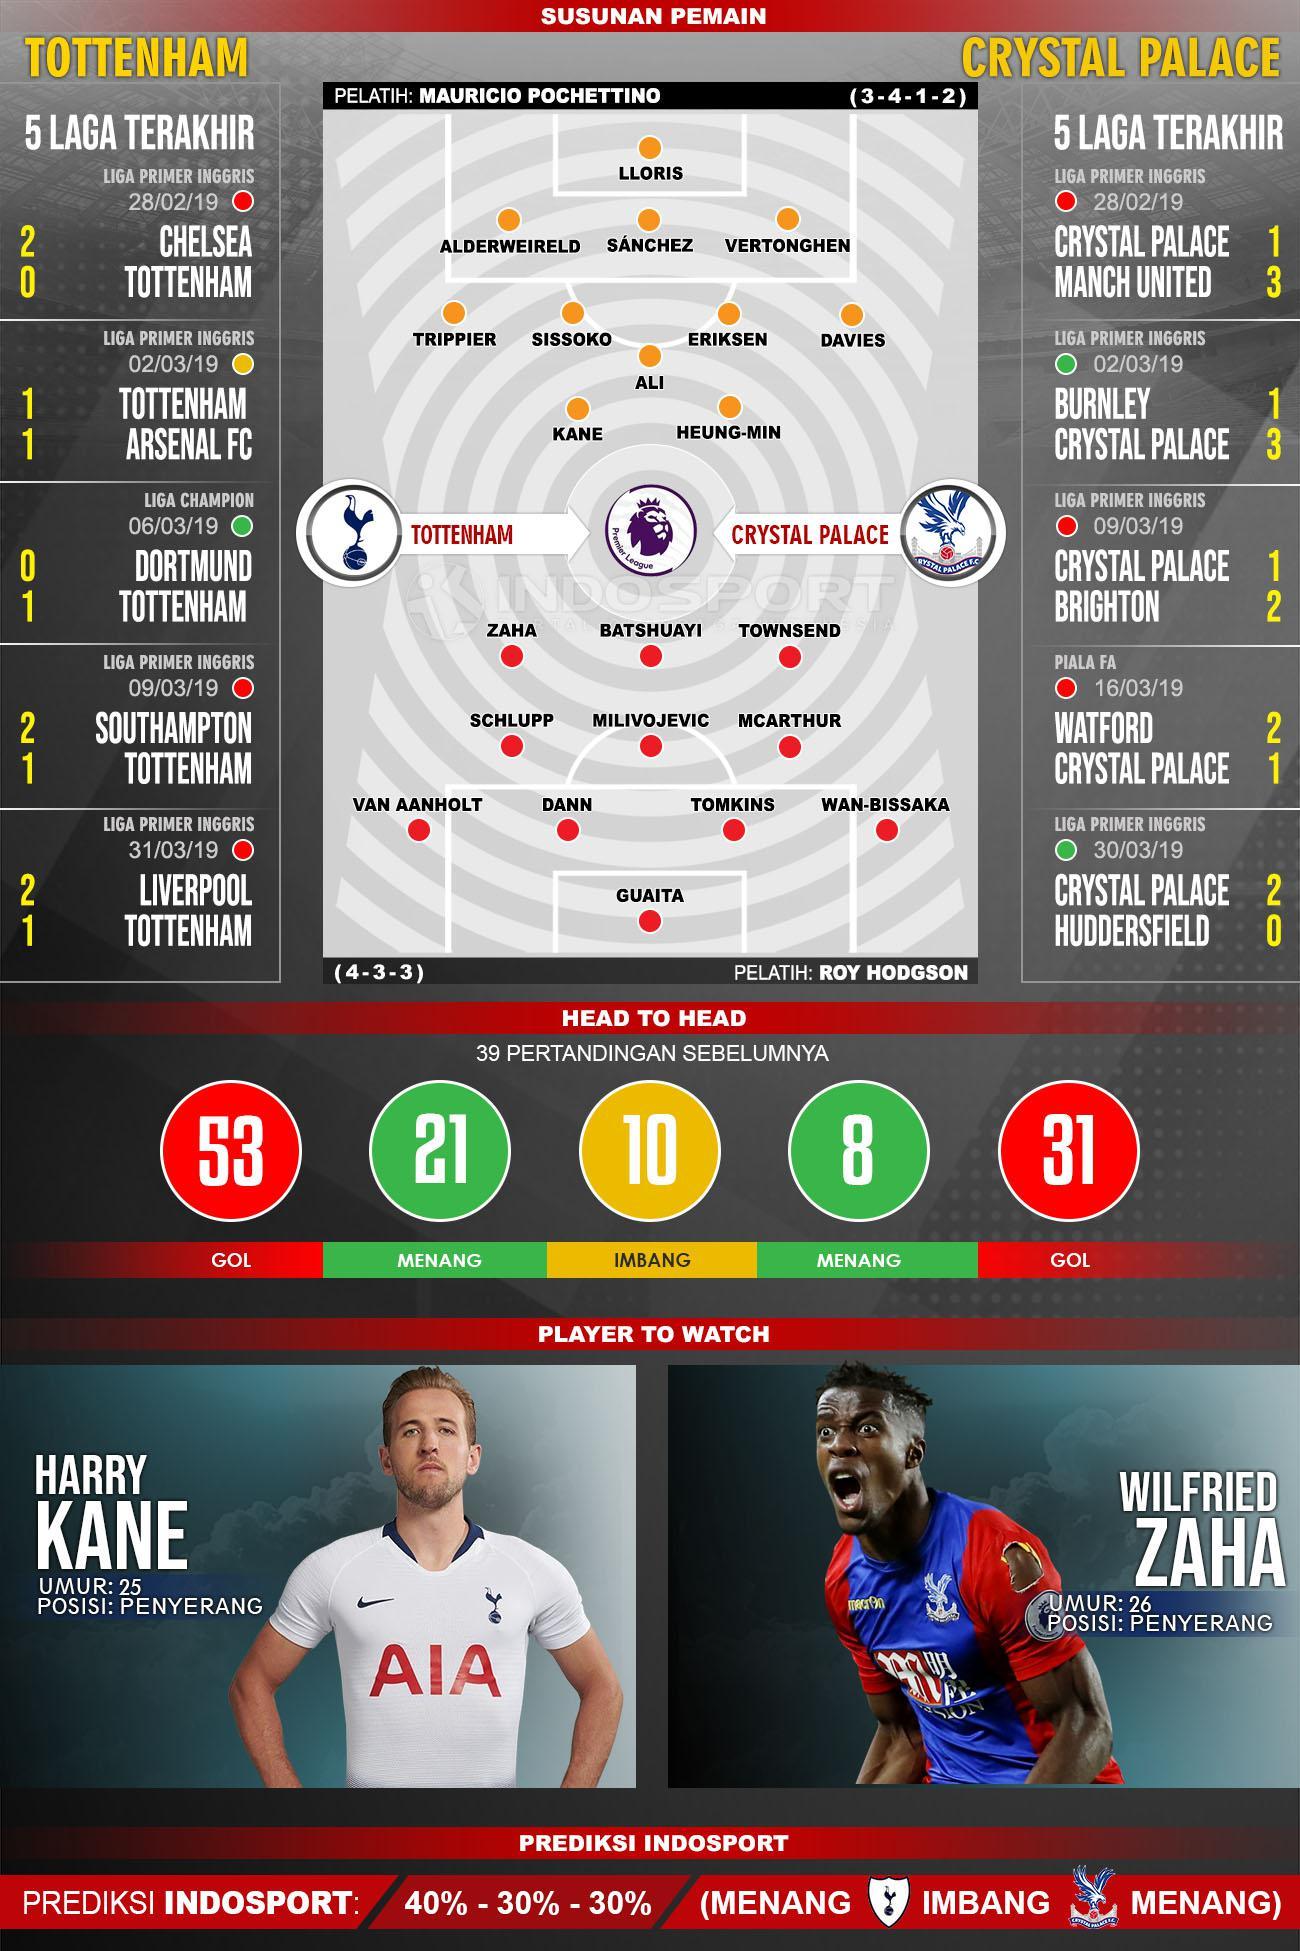 Susunan Pemain dan Lima Laga Terakhir Tottenham Hotspur vs Crystal Palace. Copyright: INDOSPORT/Yooan Rizky Syahputra